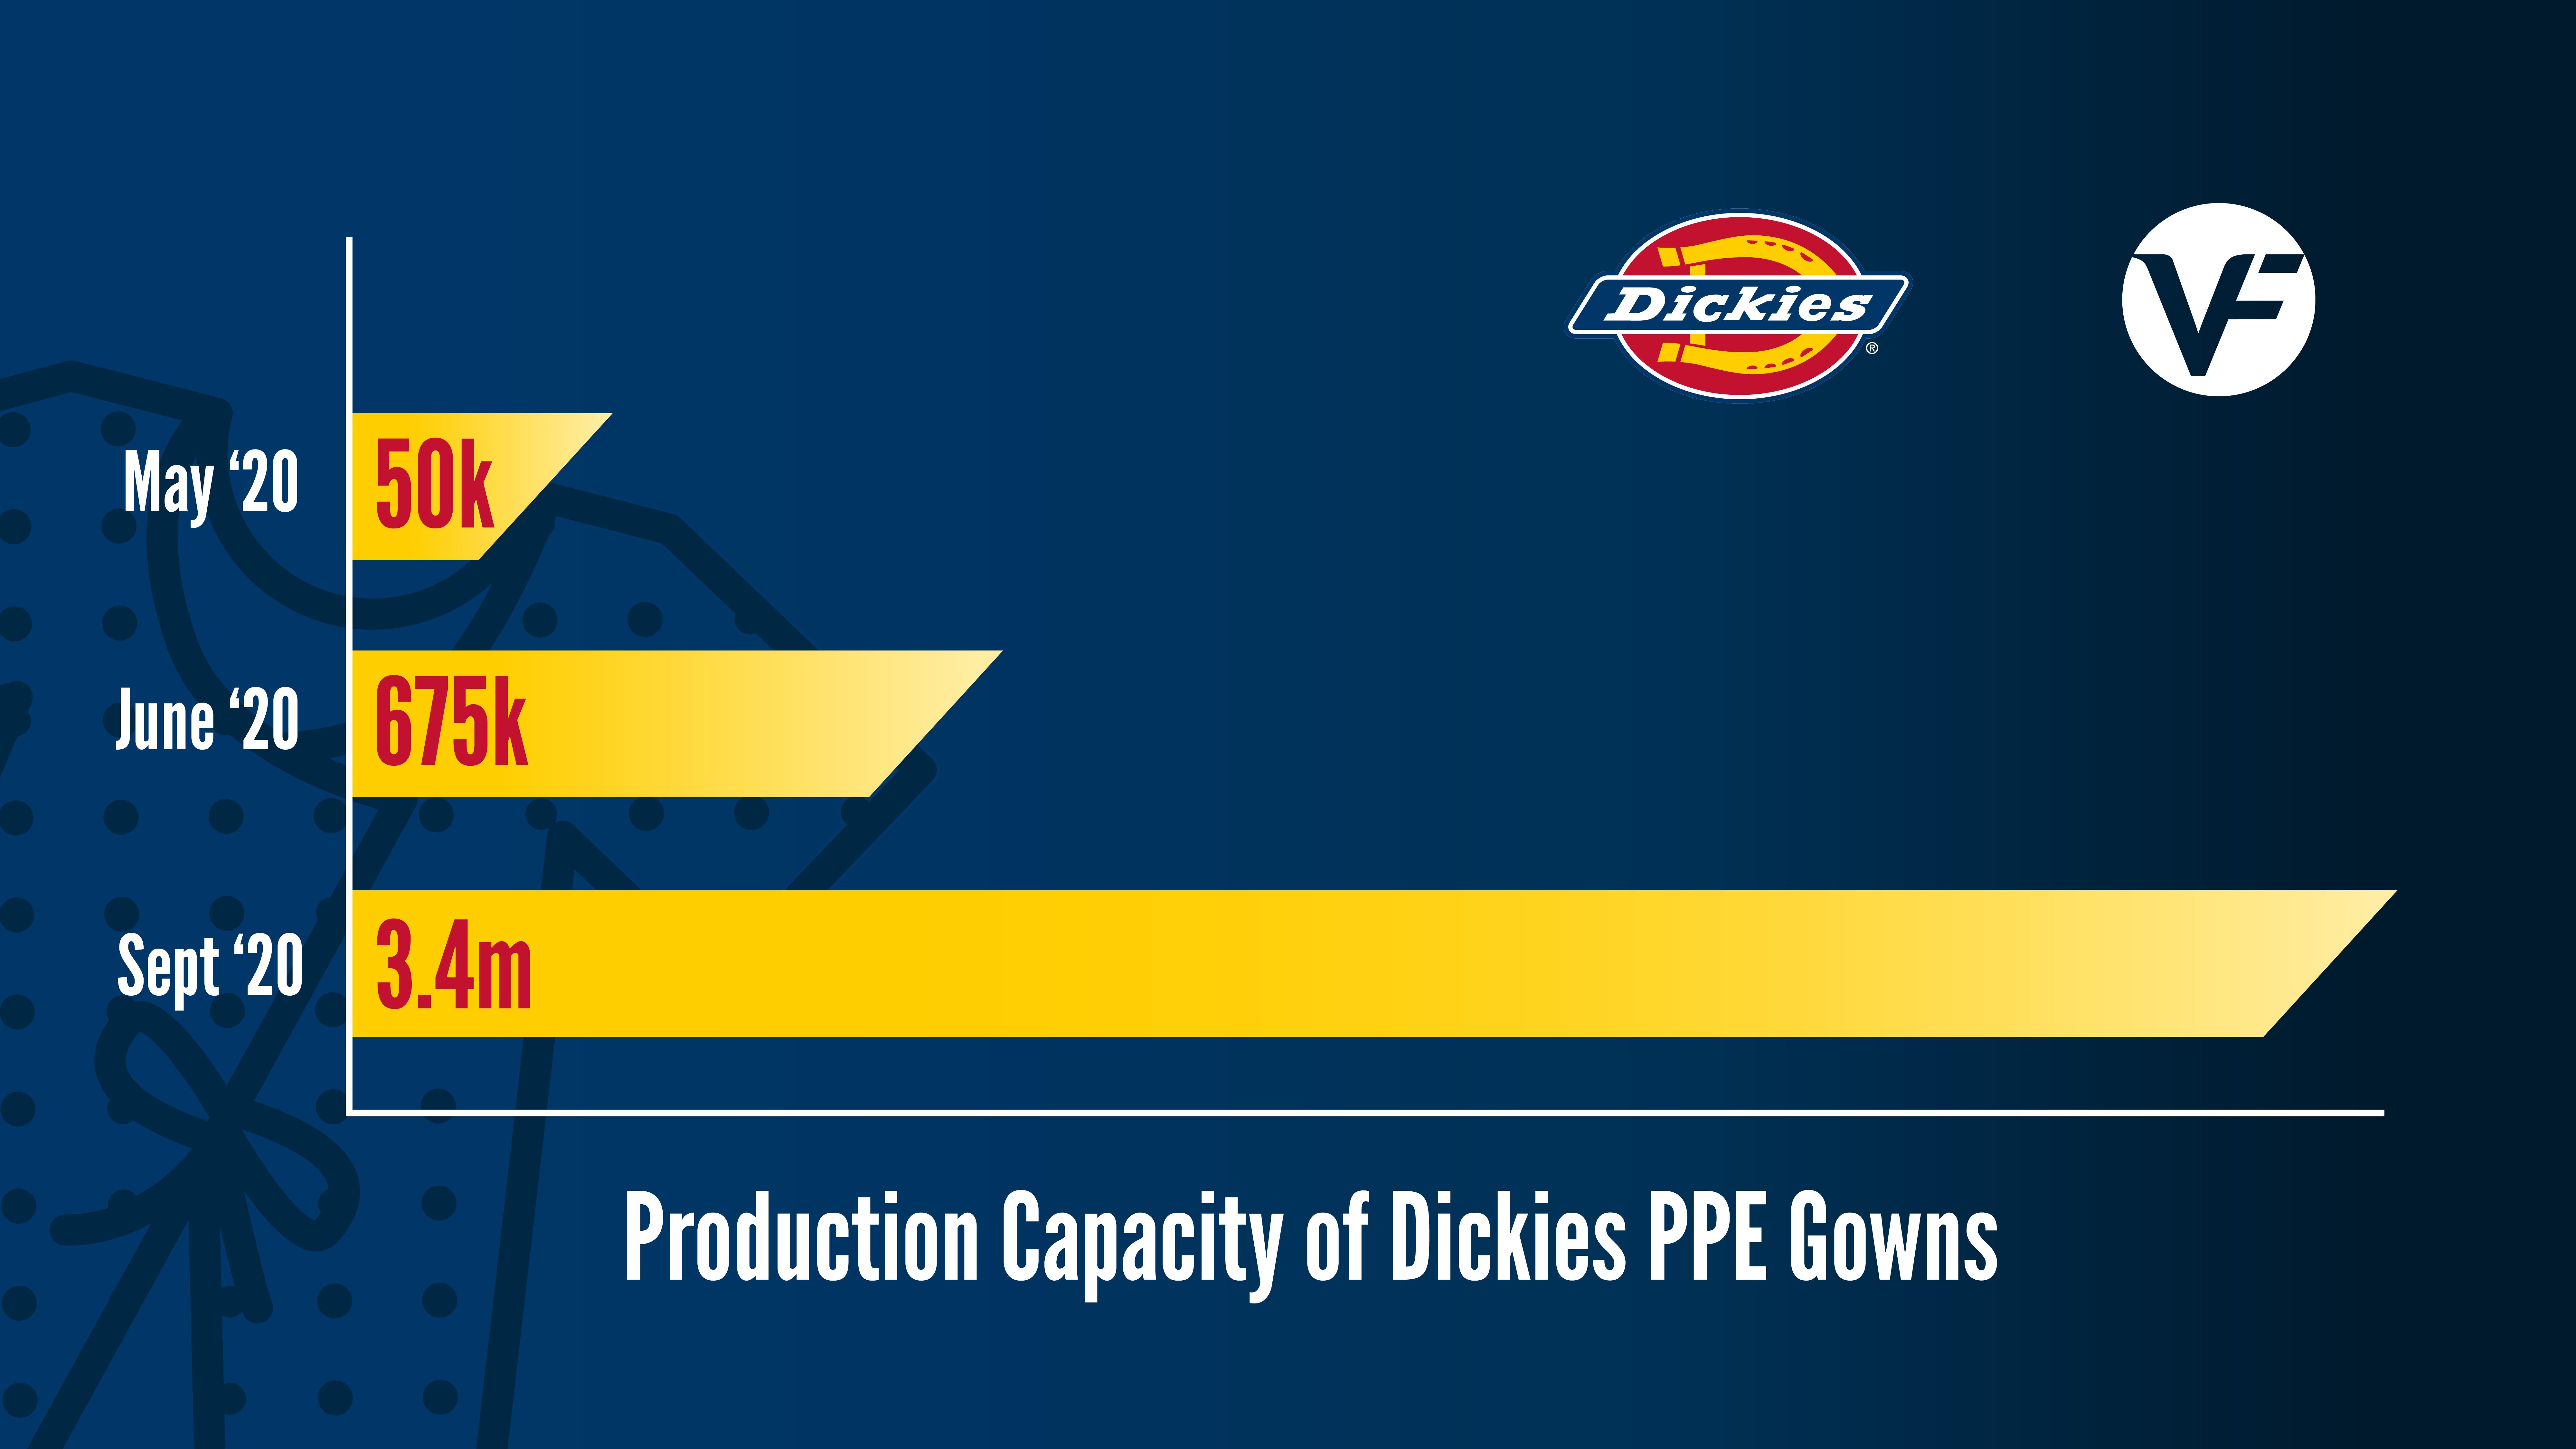 Capacité de production de blouses de protection de Dickies